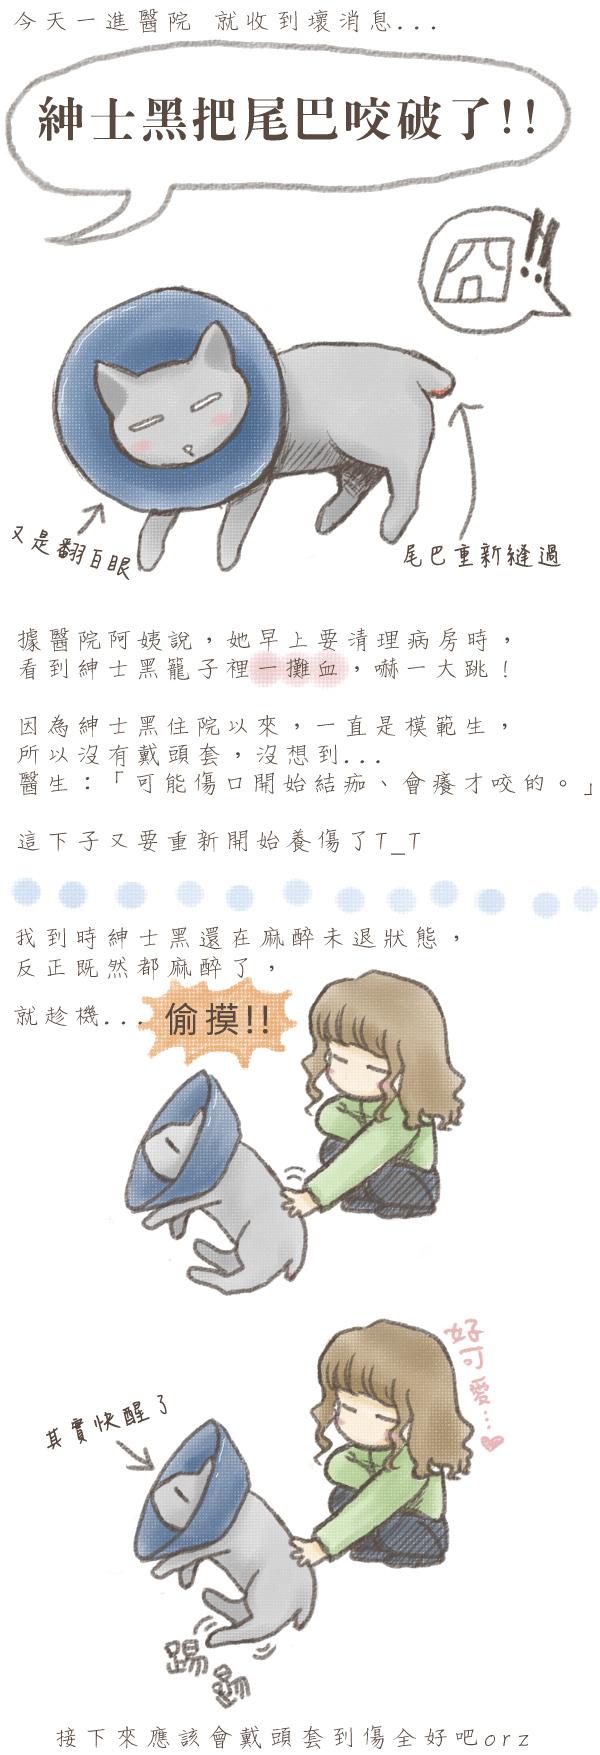 20110124_紳士黑.jpg